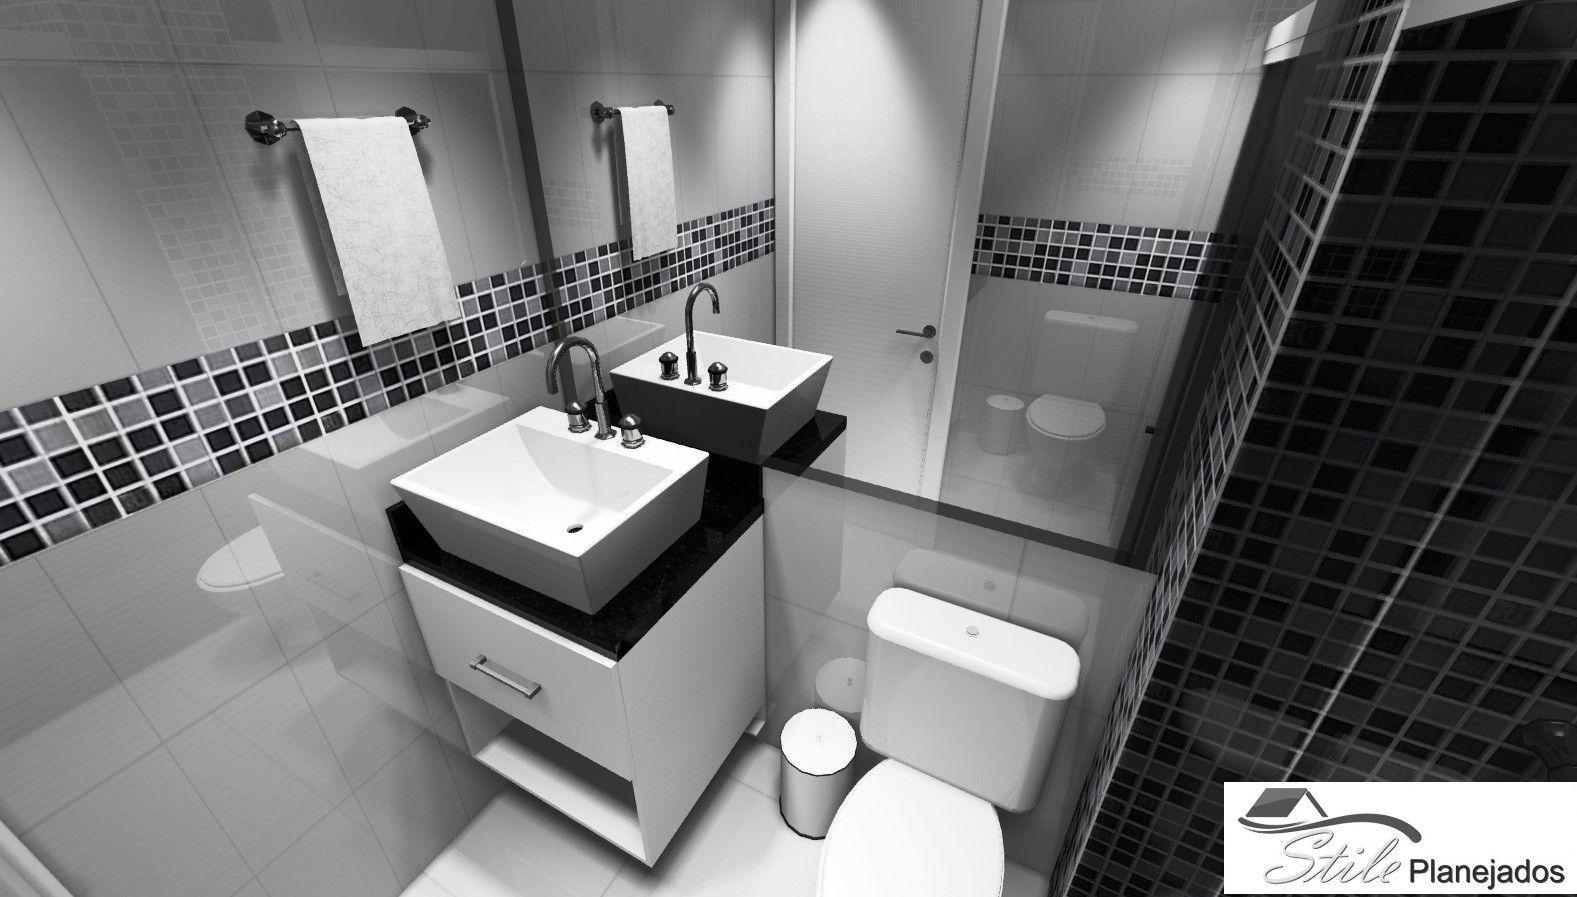 Fábrica de Banheiro Planejado Preço na Cidade Ademar - Fábrica de Banheiro Planejado